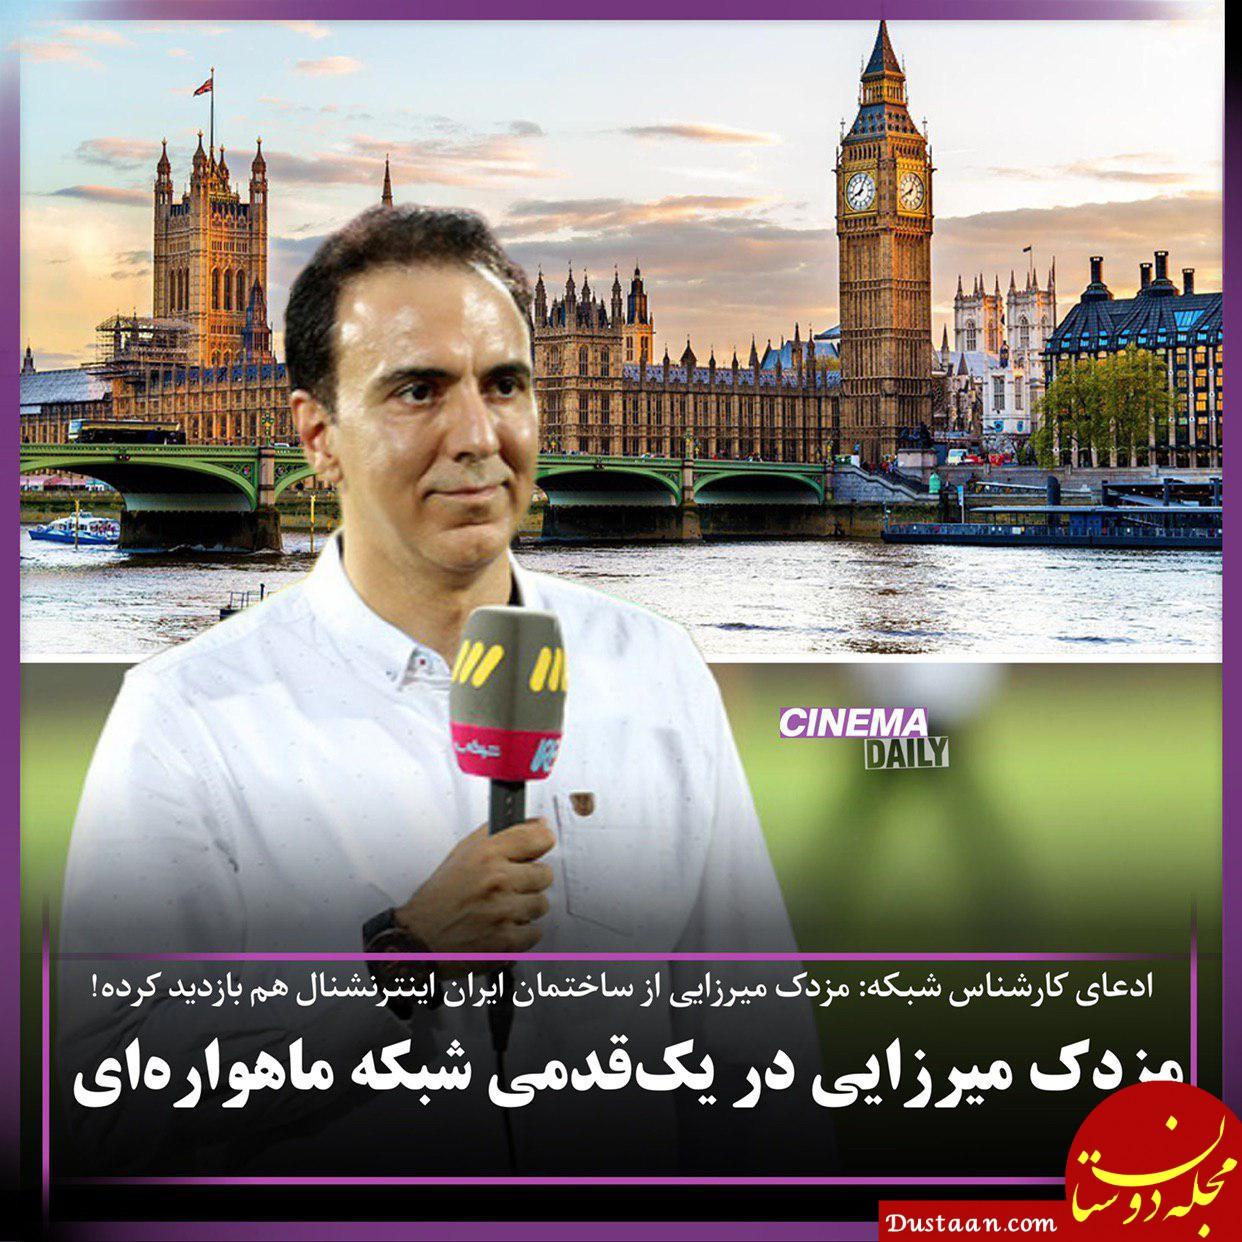 www.dustaan.com مزدک میرزایی در یک قدمی شبکه ماهواره ای